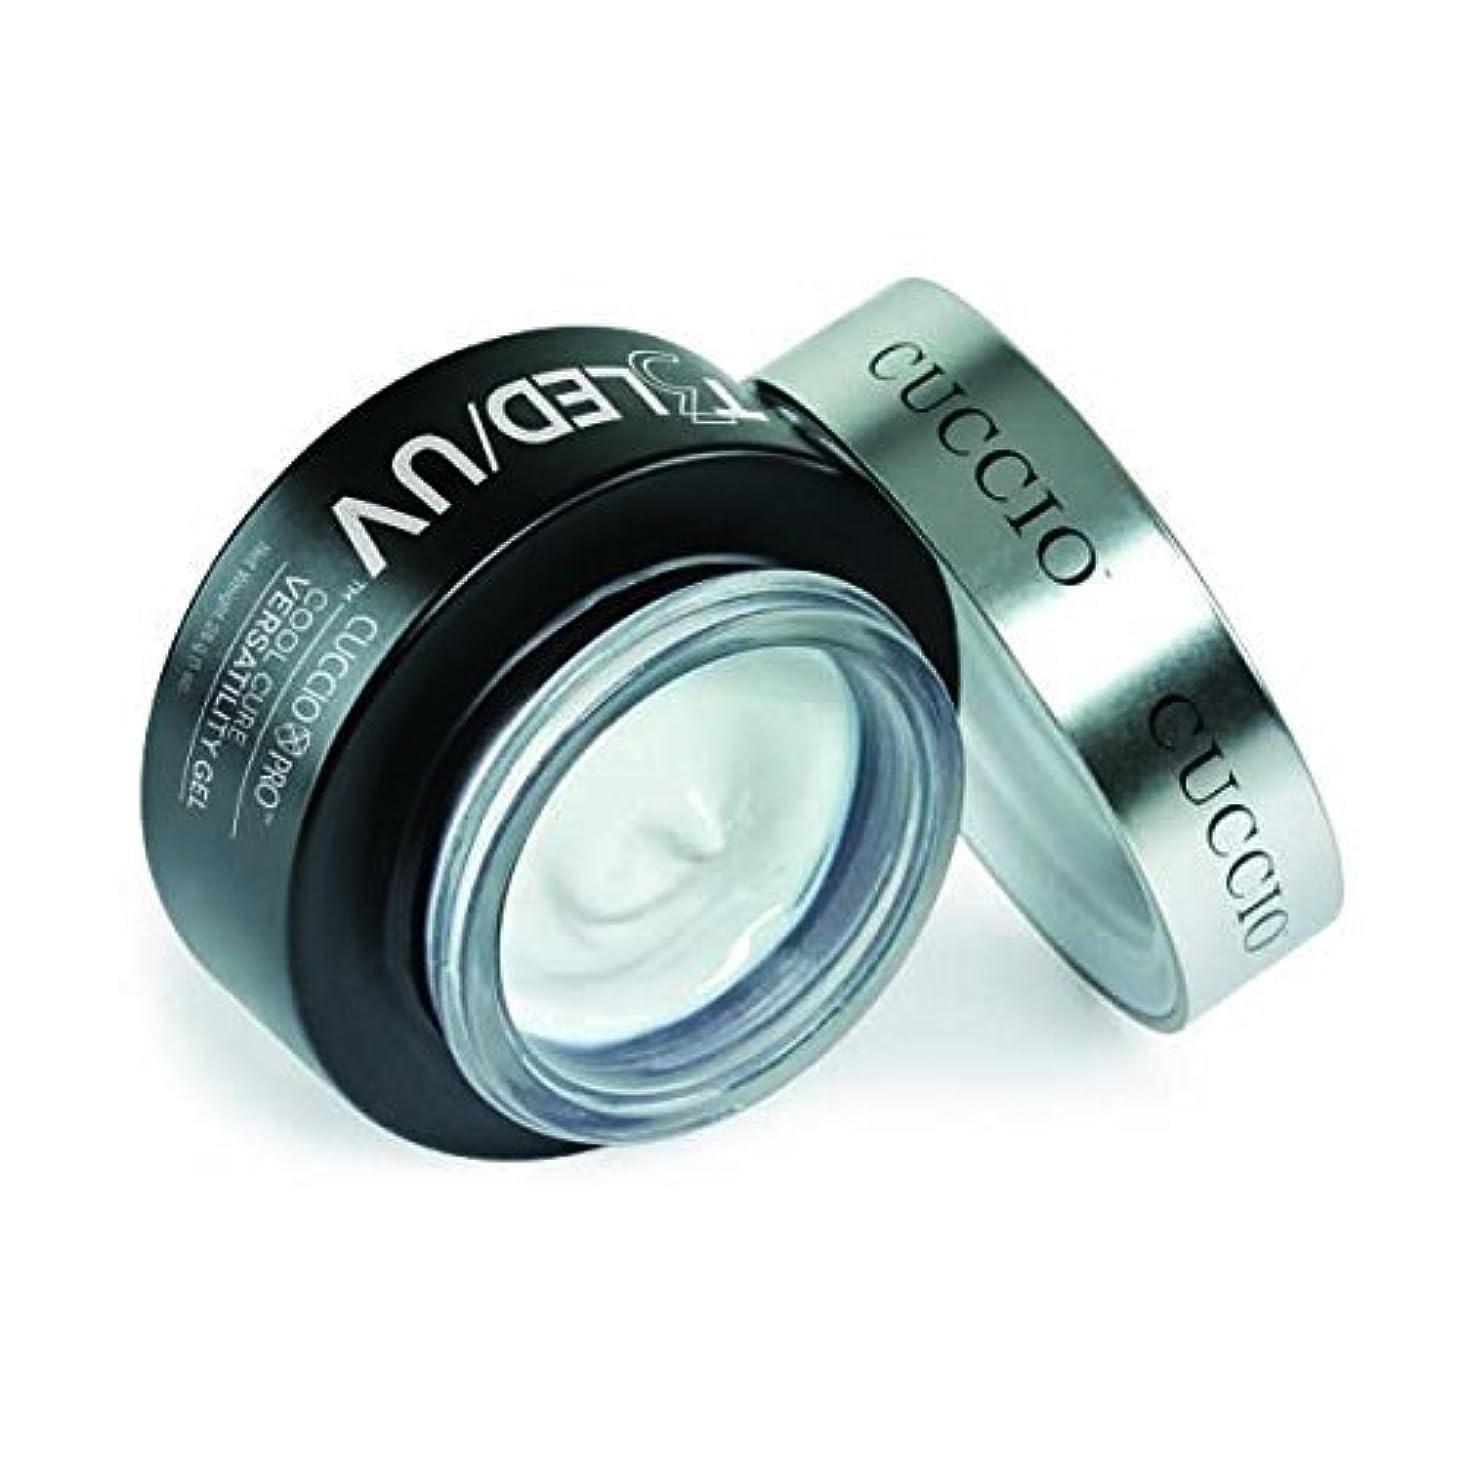 カバレッジブラストCuccio Pro - T3 LED/UV Self- Leveling Gel - White - 2oz / 56g